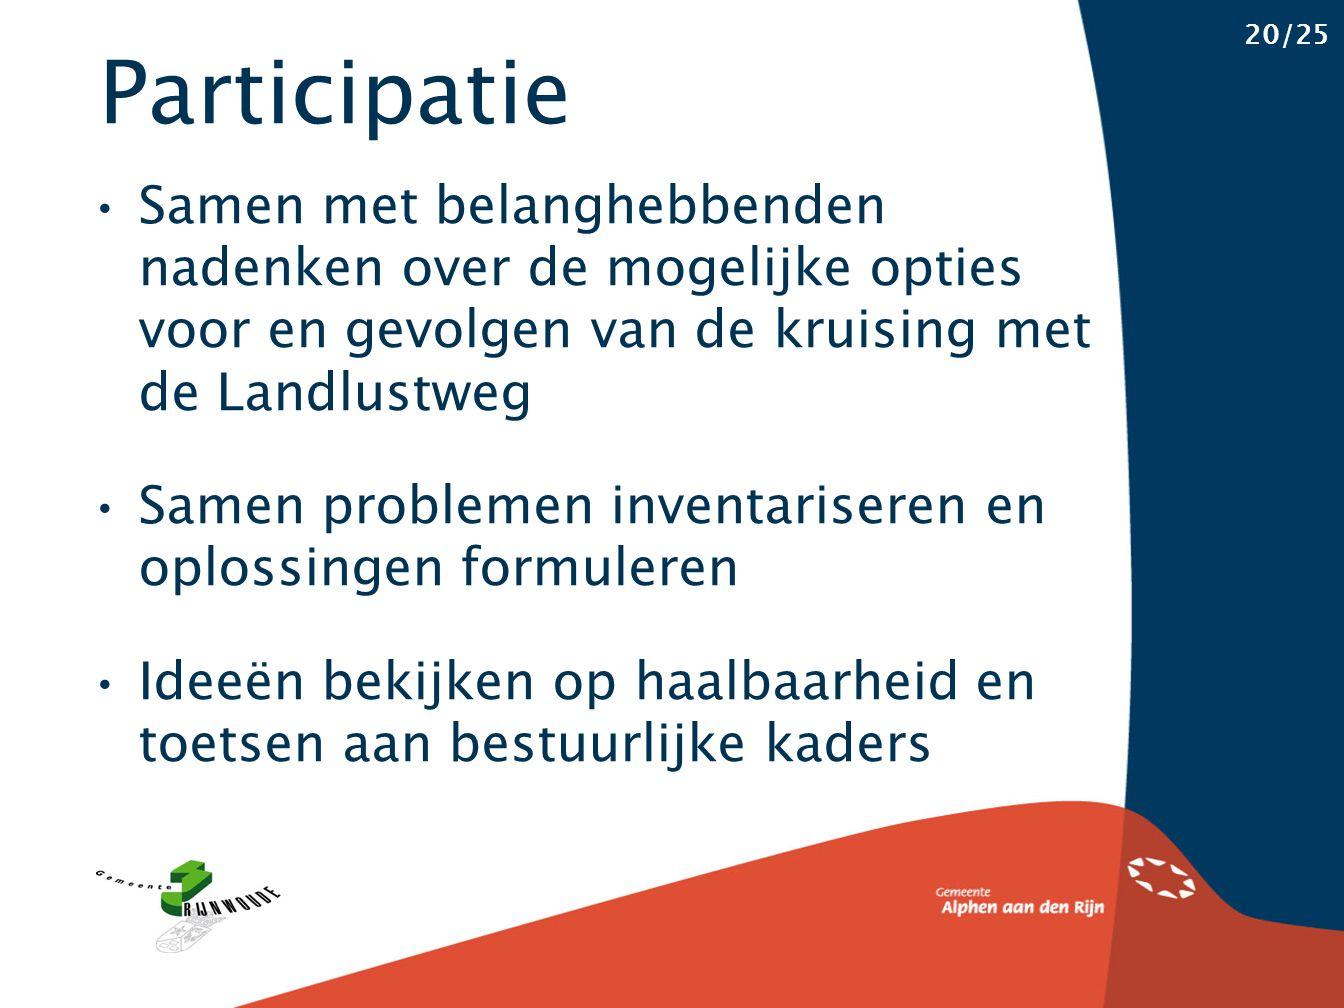 Participatie 20/25 Samen met belanghebbenden nadenken over de mogelijke opties voor en gevolgen van de kruising met de Landlustweg Samen problemen inventariseren en oplossingen formuleren Ideeën bekijken op haalbaarheid en toetsen aan bestuurlijke kaders